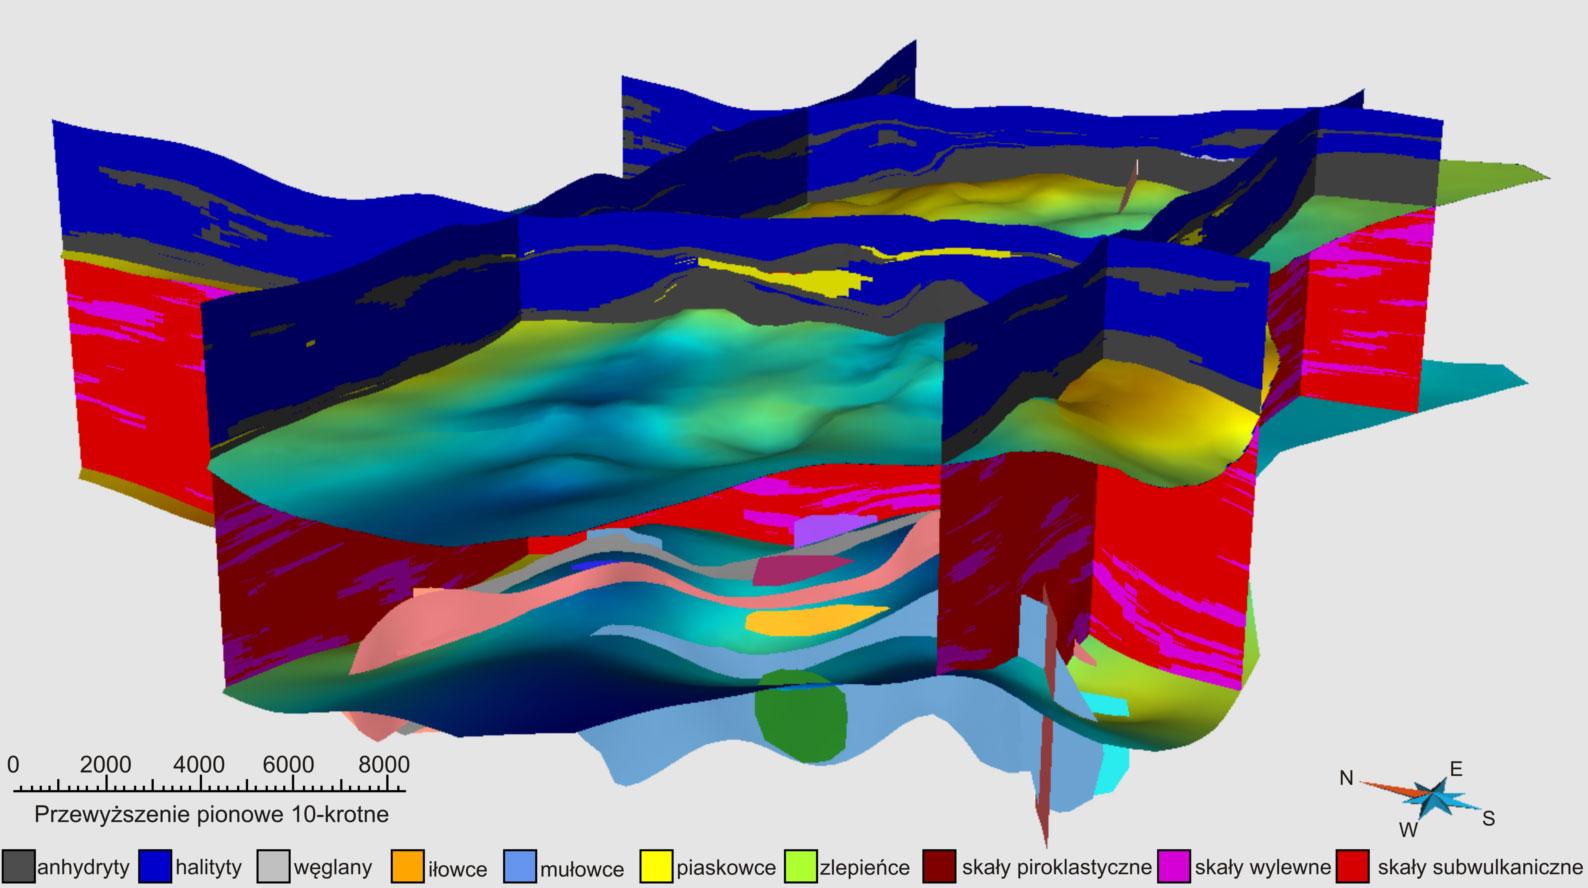 http://www.pgi.gov.pl/images/geologia3d/pic/hdr3.jpg